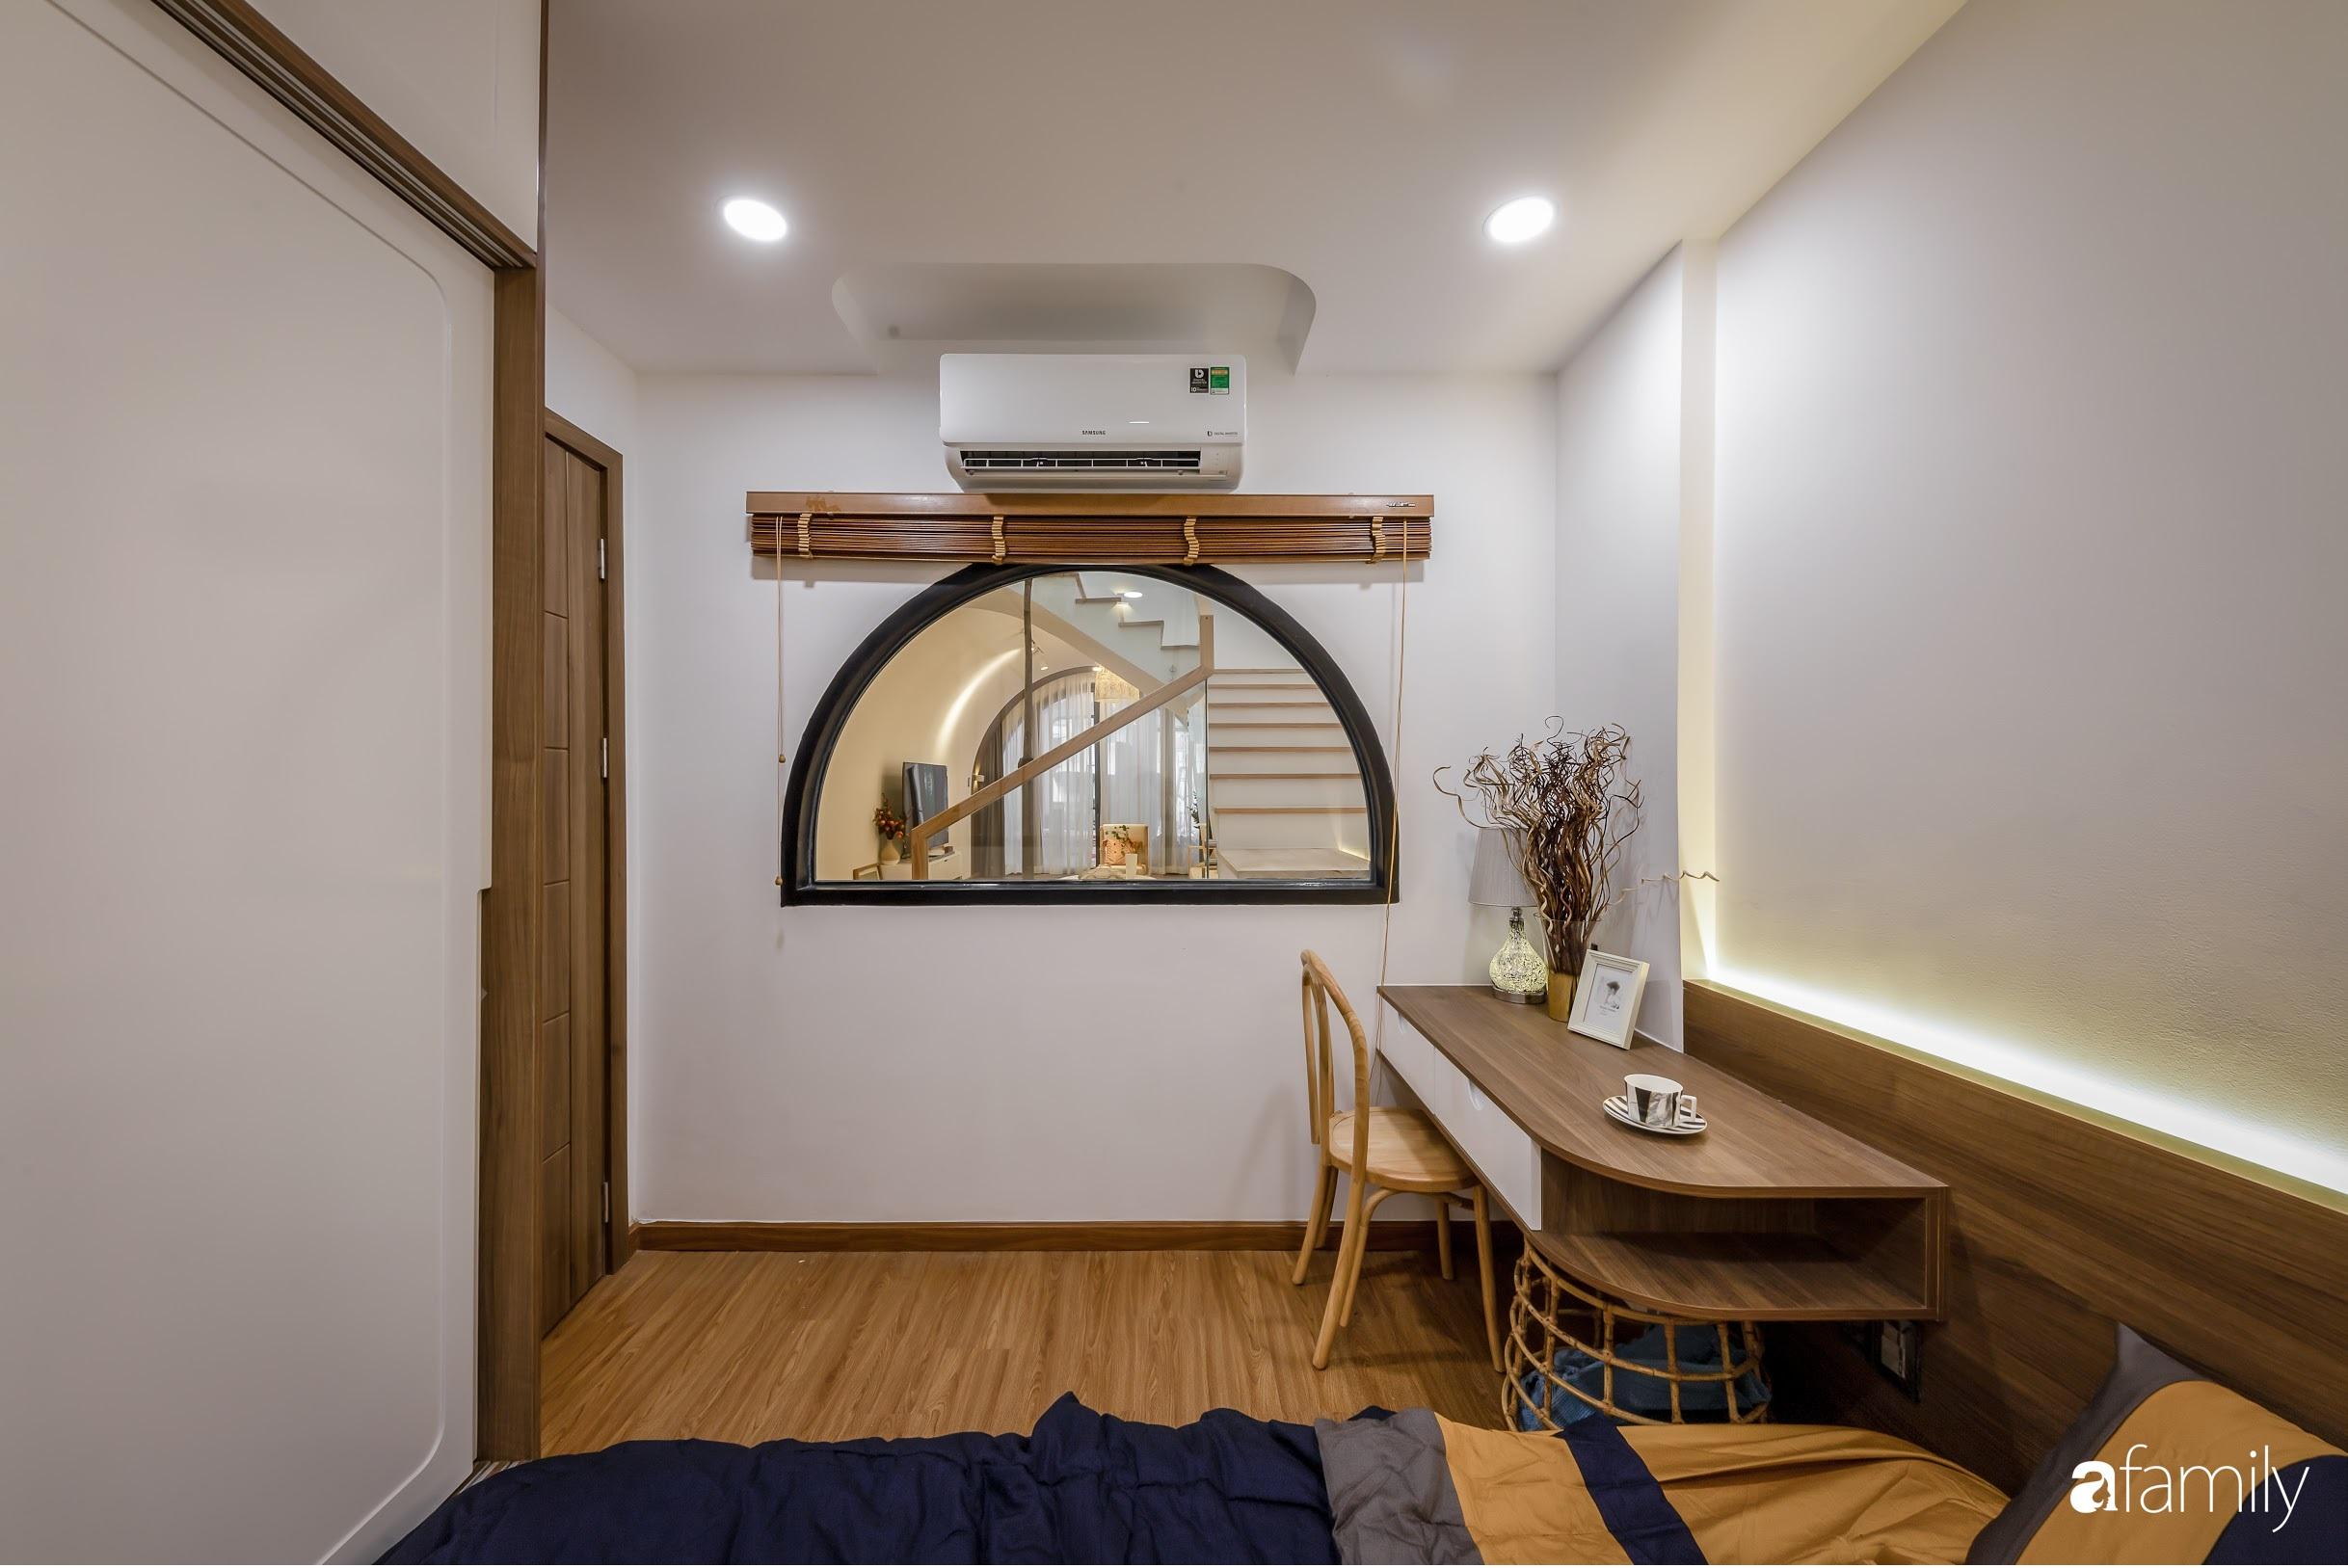 Nhà phố Tiền Giang đẹp hài hòa với thiết kế hiện đại, bố trí nội thất thông minh với chi phí 1,8 tỉ đồng - Ảnh 12.